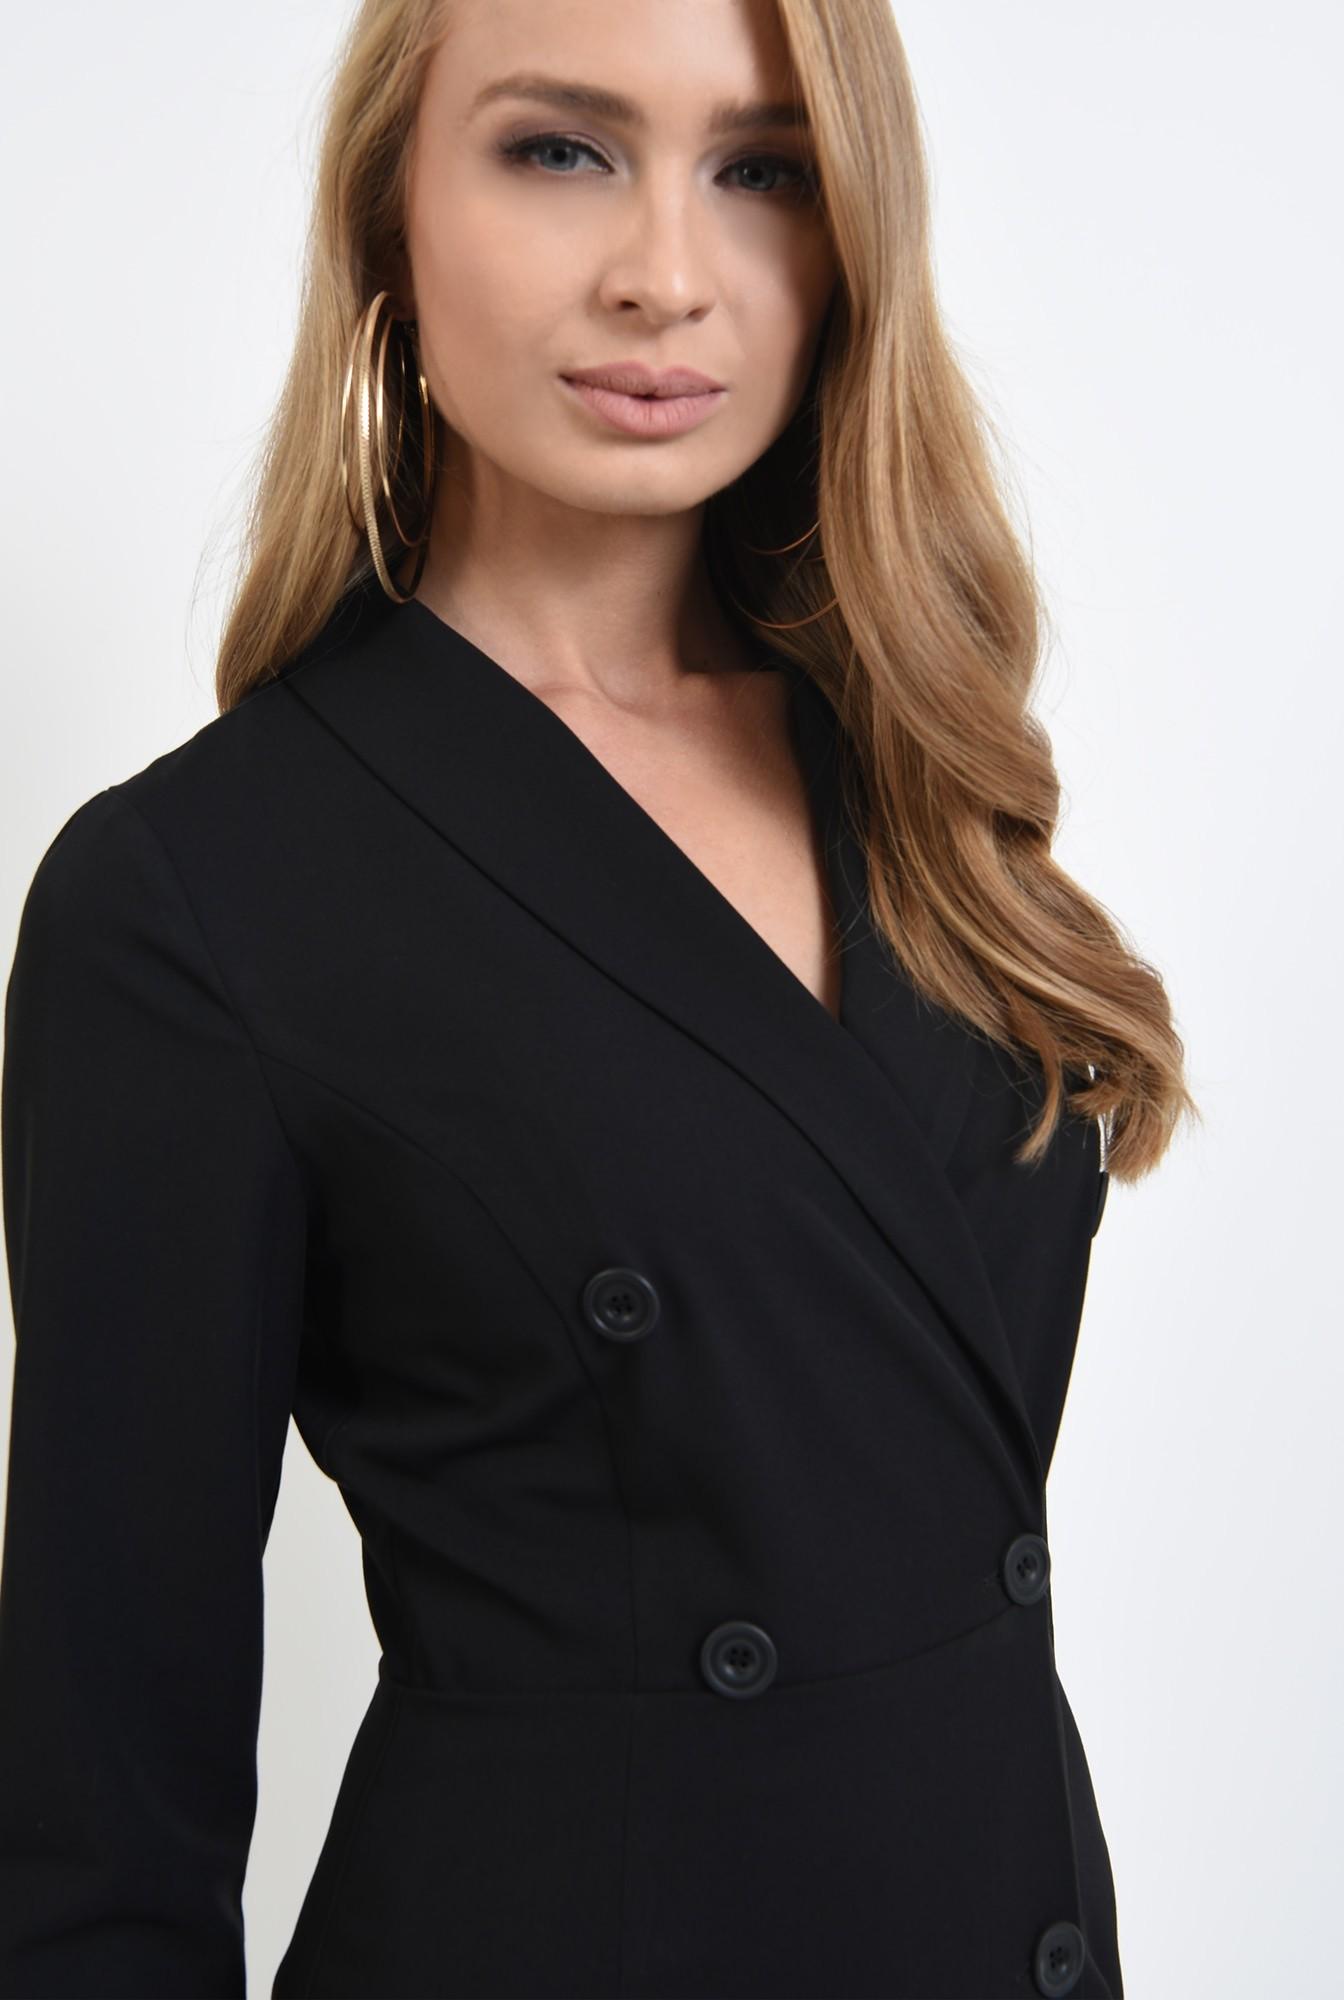 2 - 360 - rochie neagra, midi, cu revere